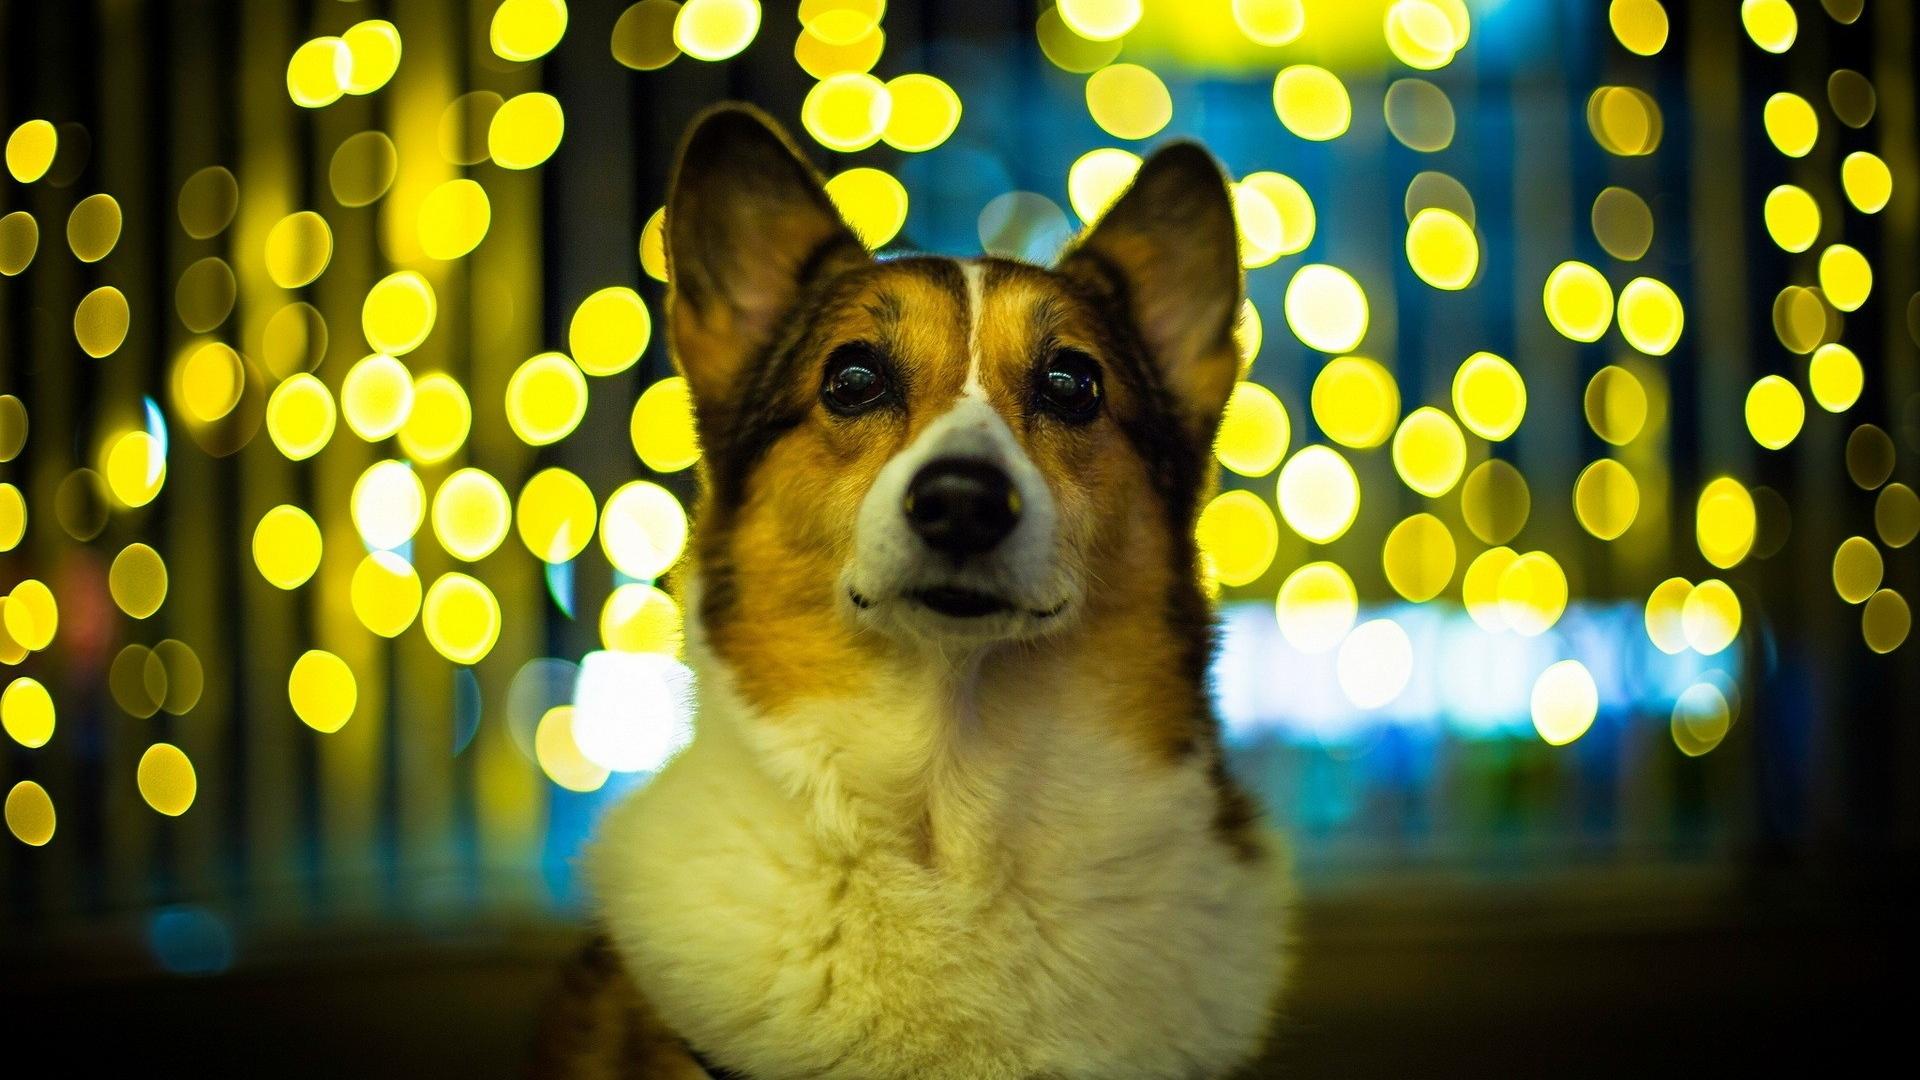 פחד מרעשים ונפצים אצל כלבים